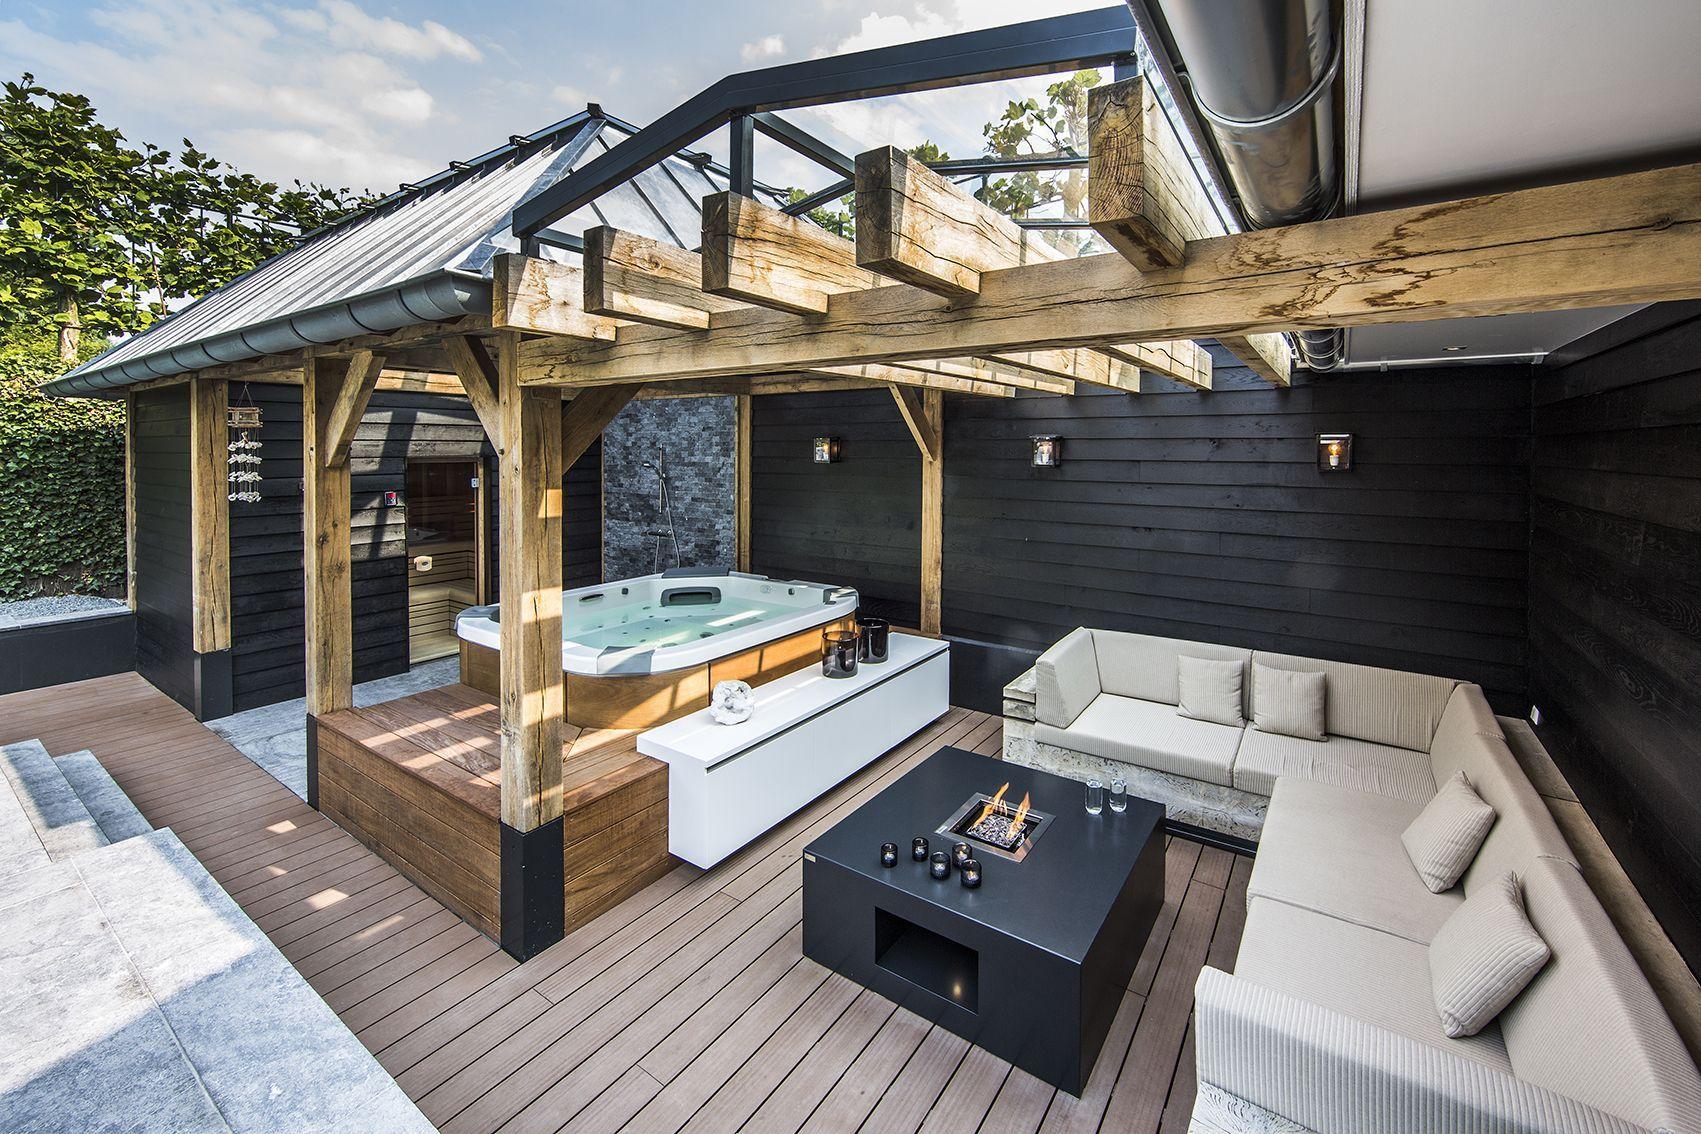 Настоящий комфортабельный комплекс: баня + джакузи и место отдыха на террасе